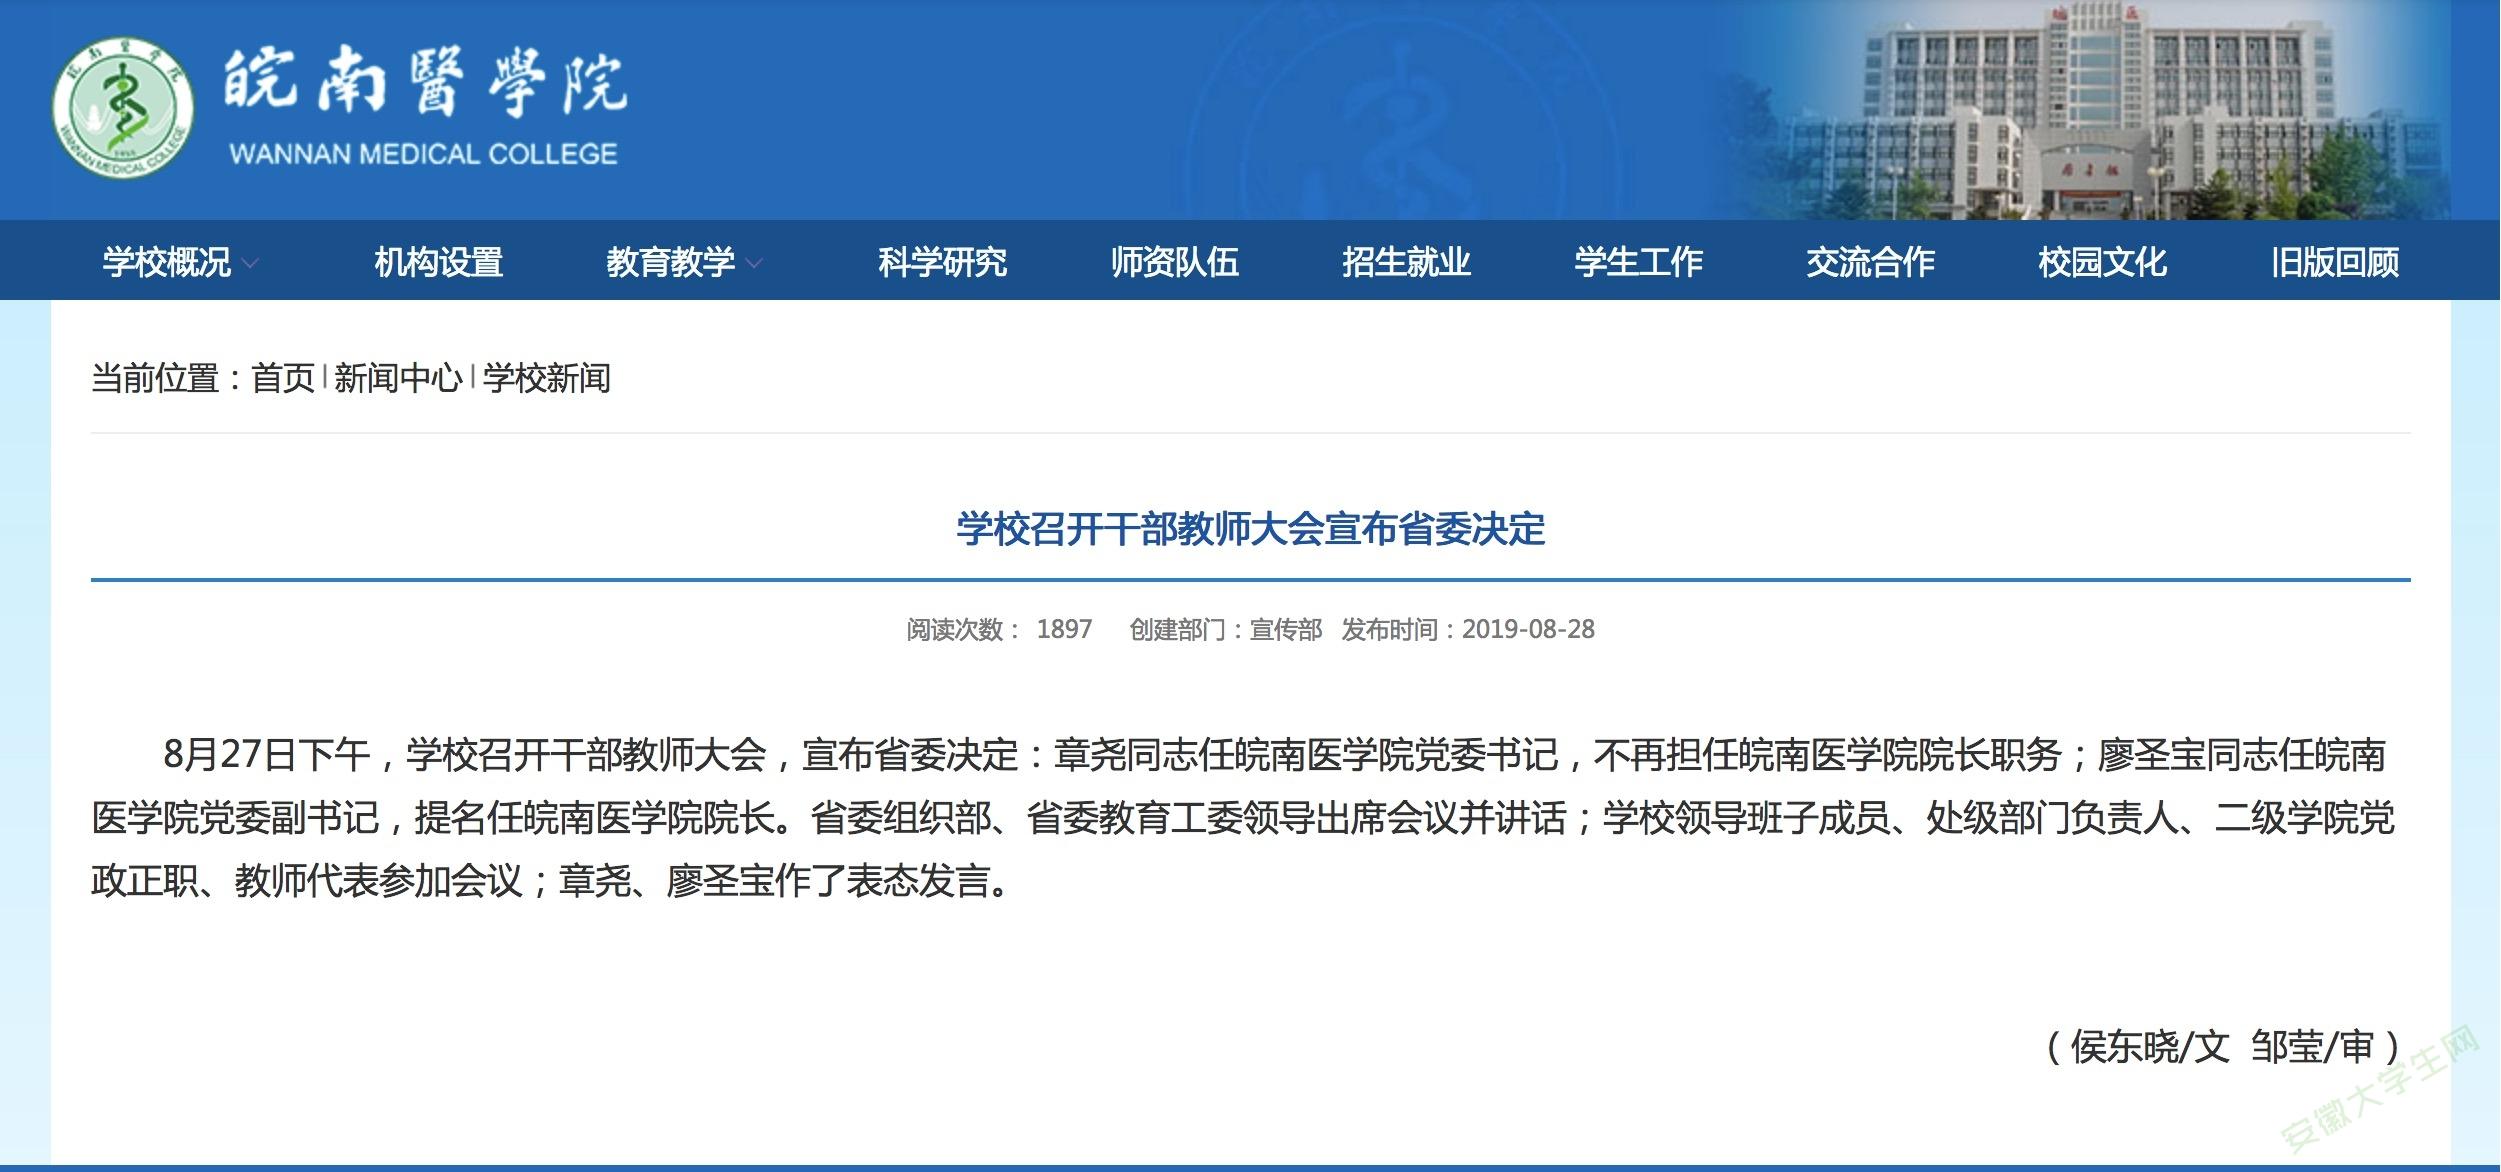 安徽高校领导再调整!省委决定章尧任皖南医学院党委书记